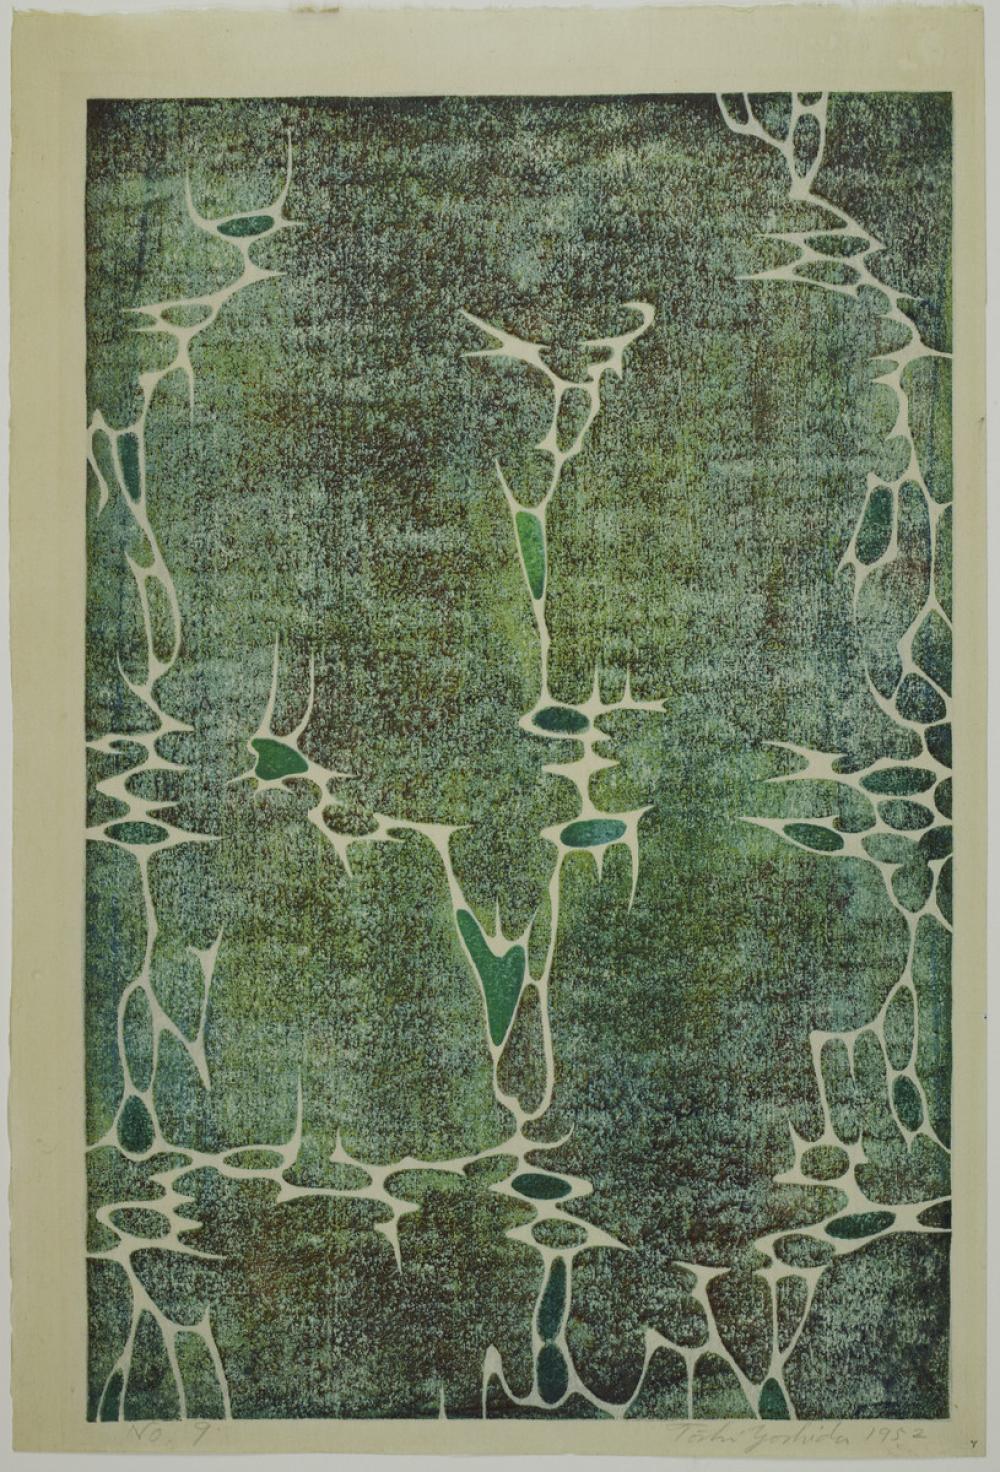 Yoshida Toshi (Japanese, 1911-1995), Untitled, No. 9, 1952